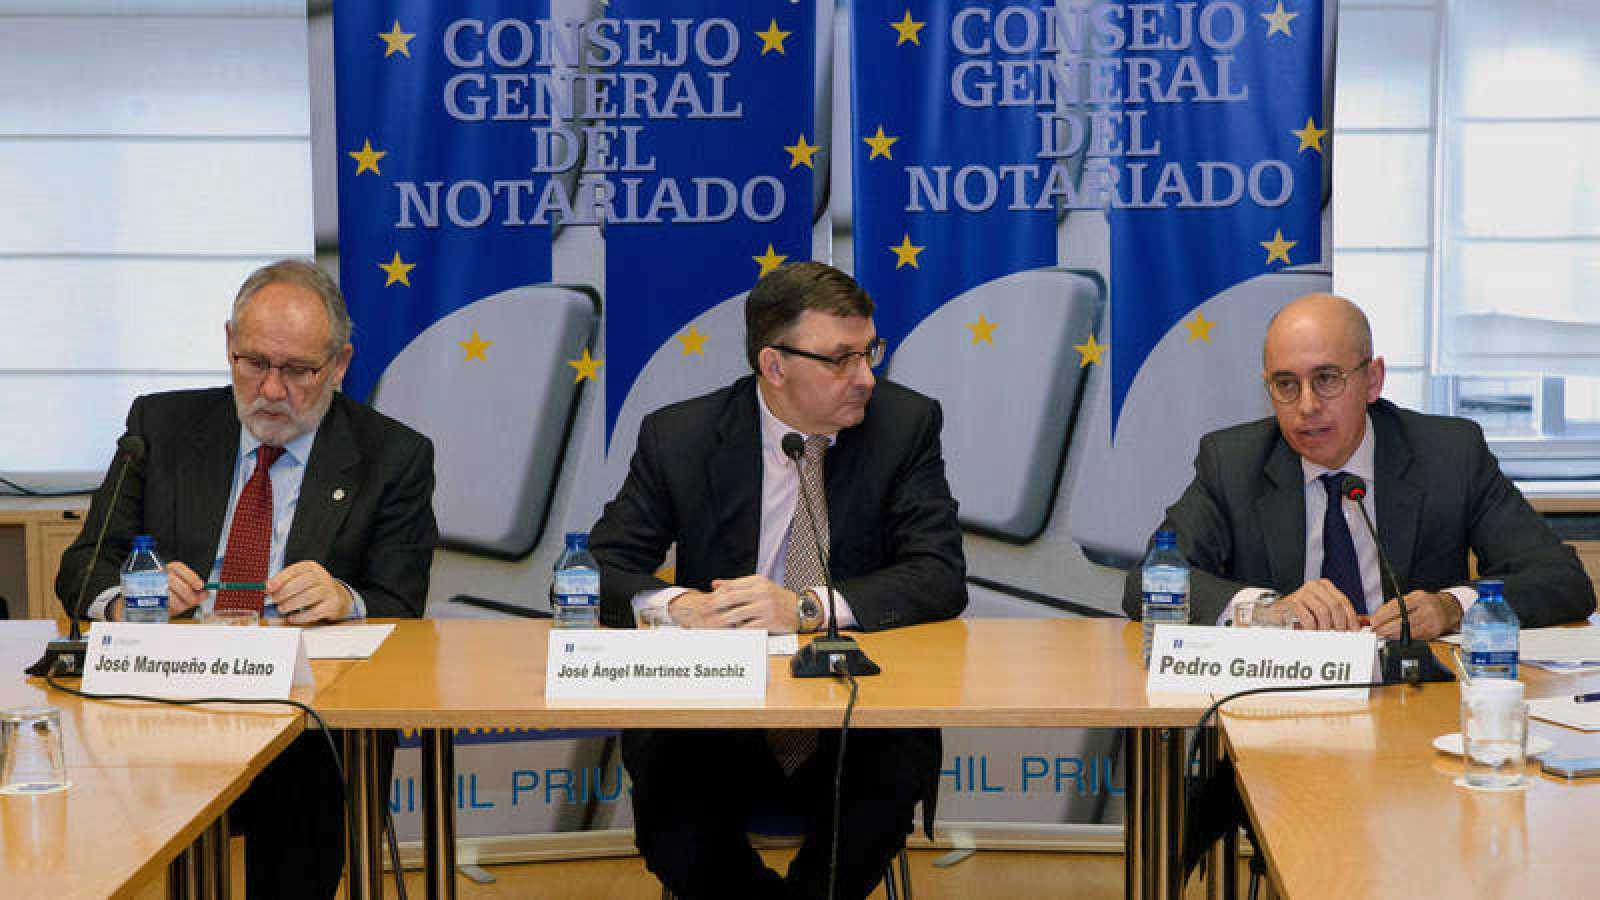 Presentación de la base de datos notarial para prevenir el blanqueo de capitales